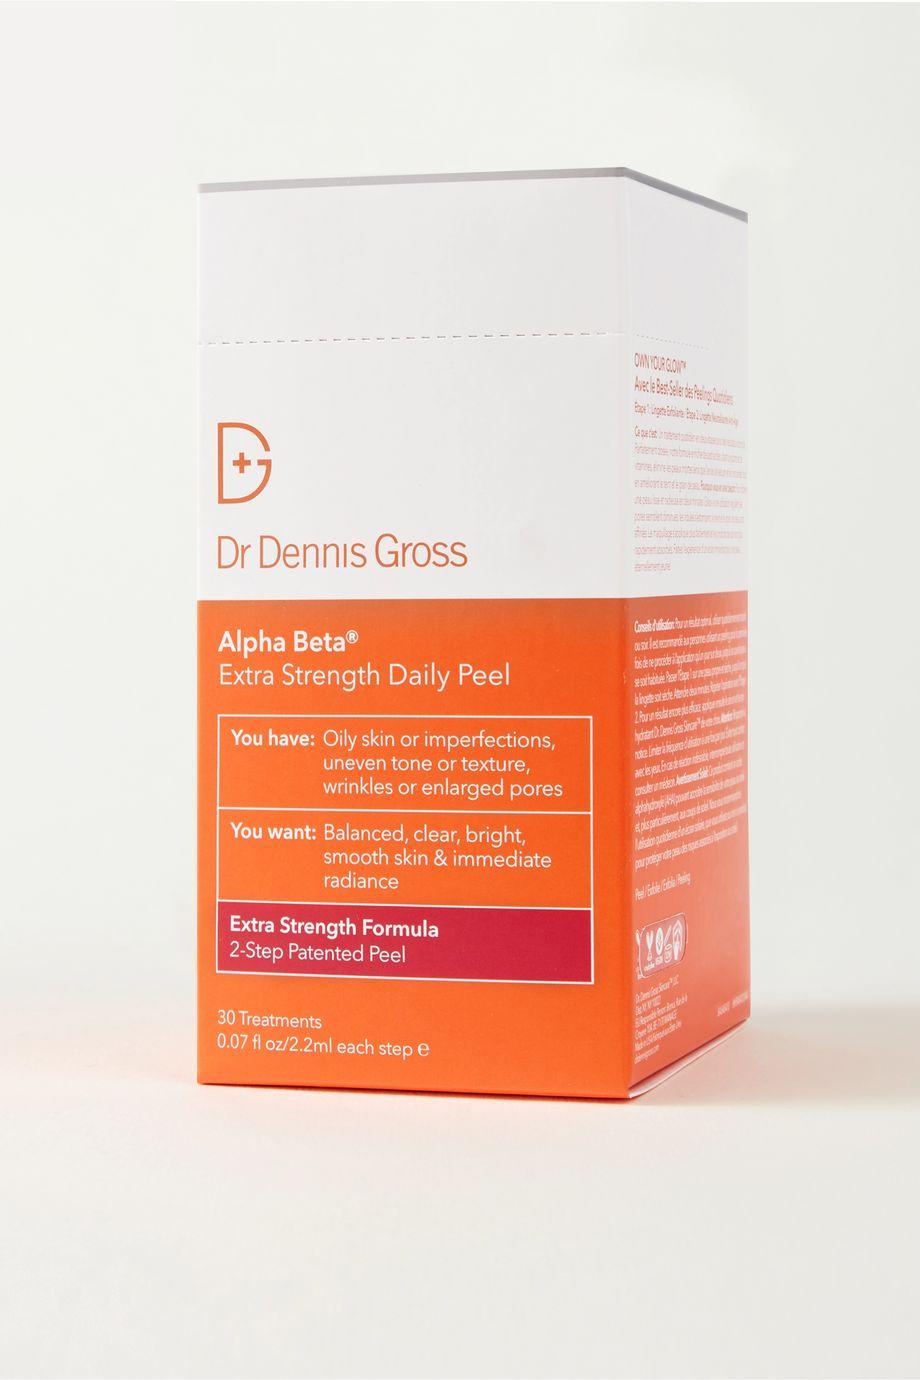 Dr. Dennis Gross Skincare Alpha Beta® Extra Strength Daily Peel